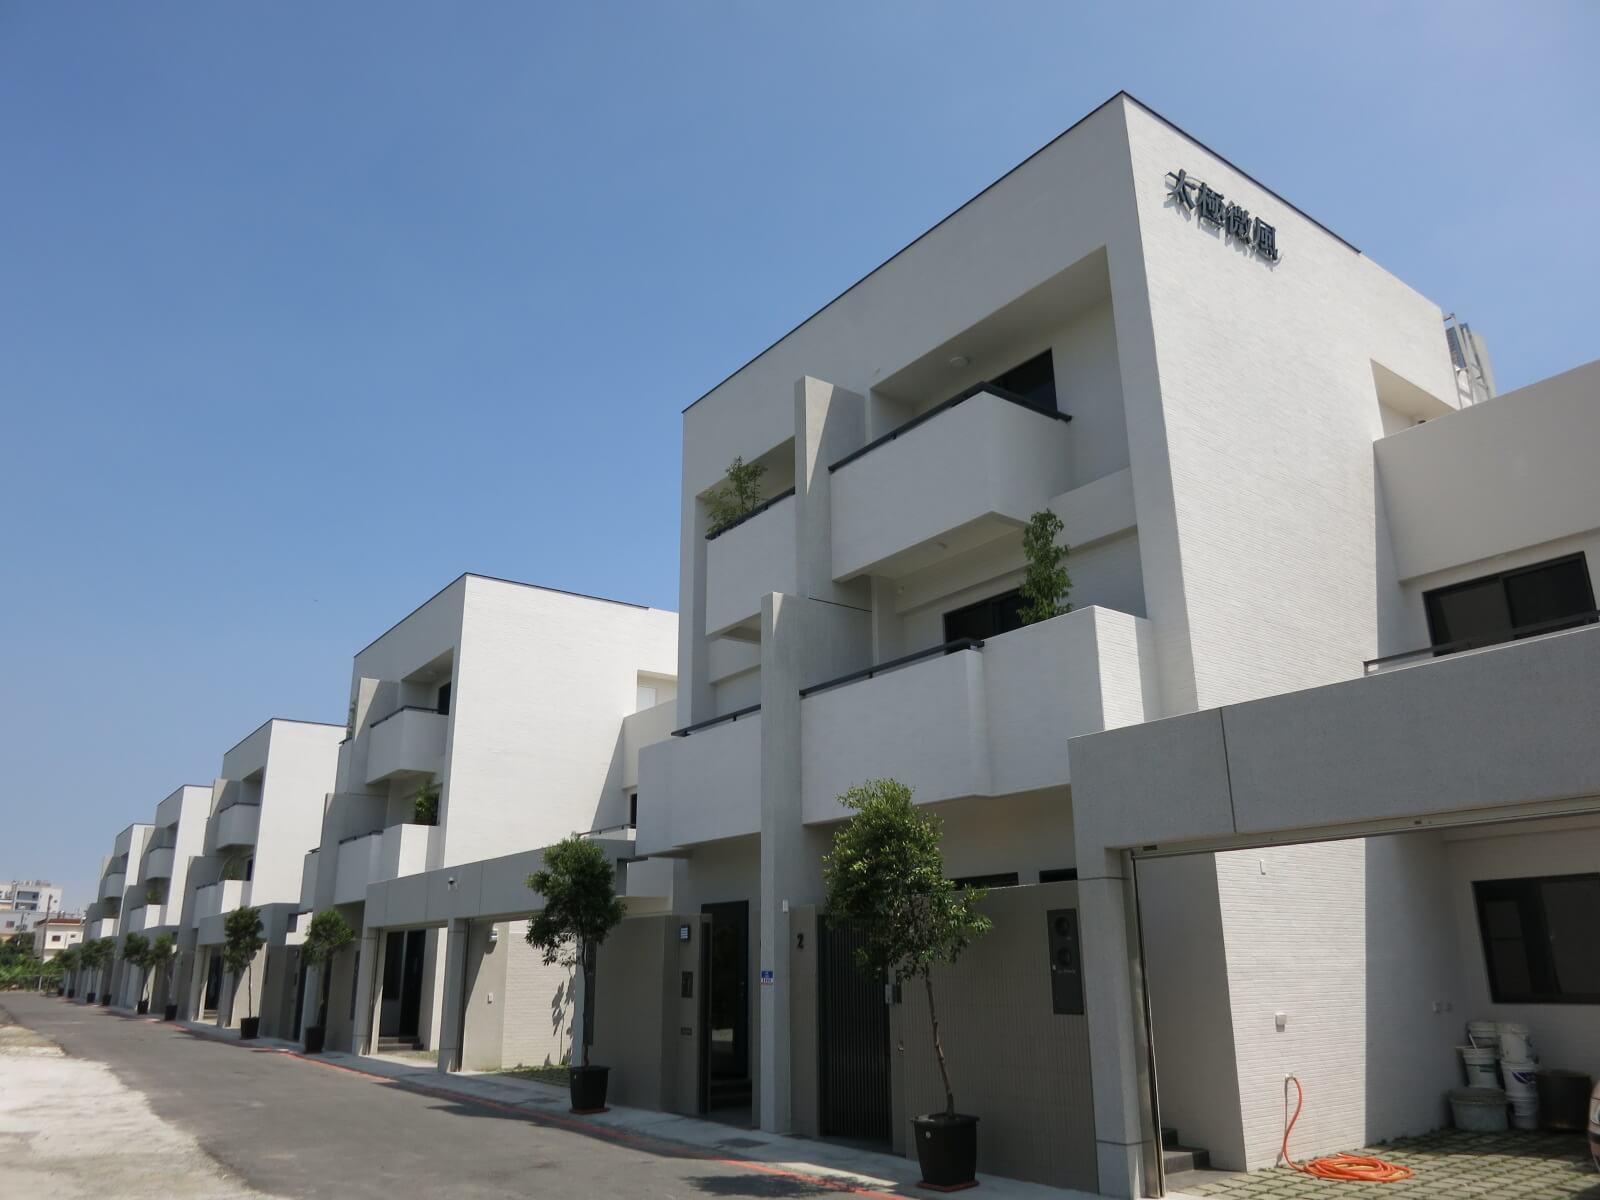 圖片:高雄林園建案 5+5 house 田字結構是富者的心居